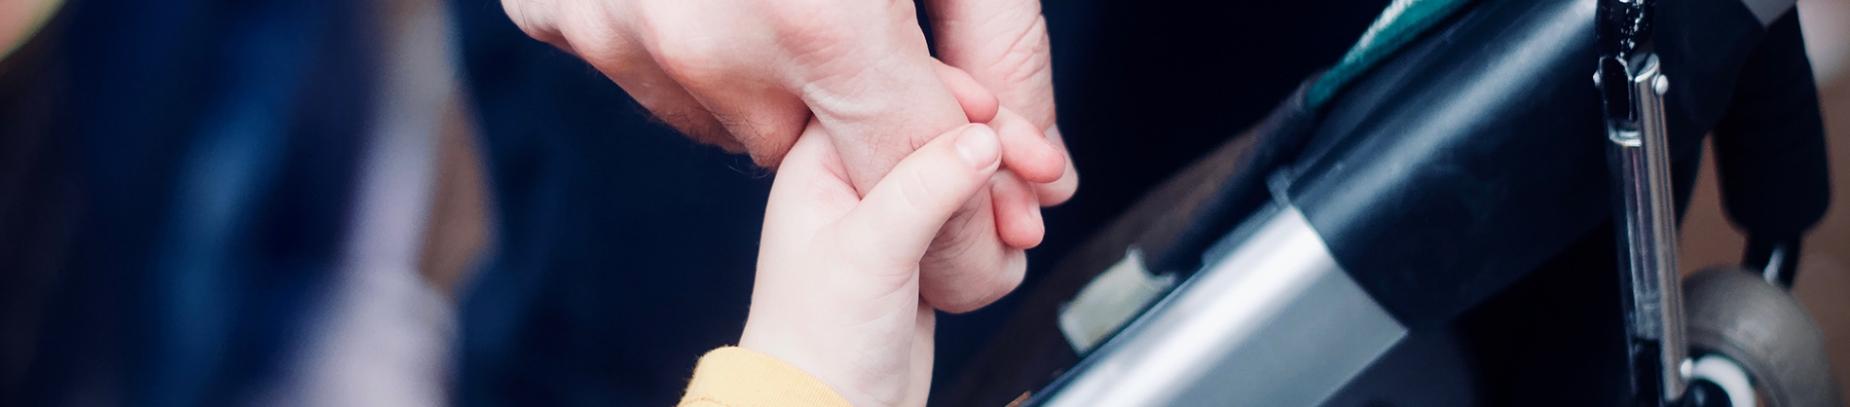 A child holding a parents finger